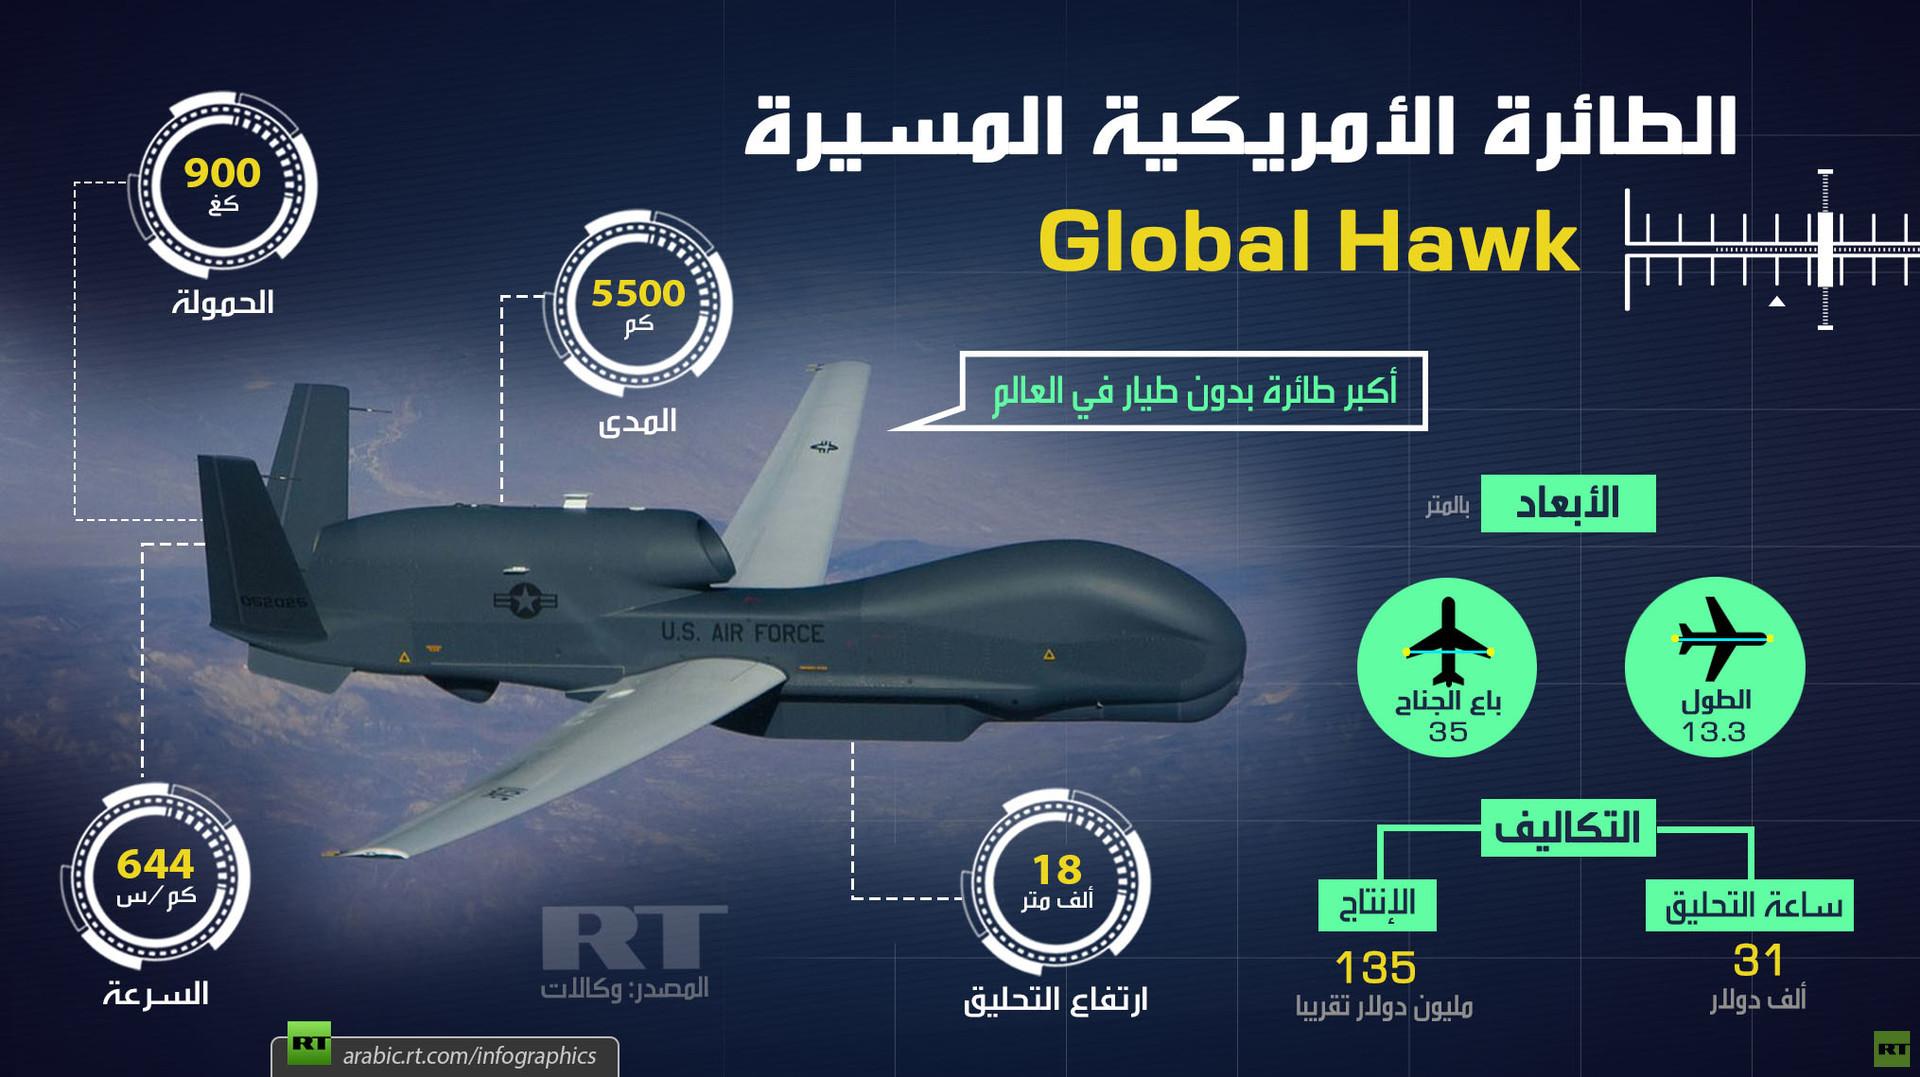 الطائرة الأمريكية المسيرة Global Hawk